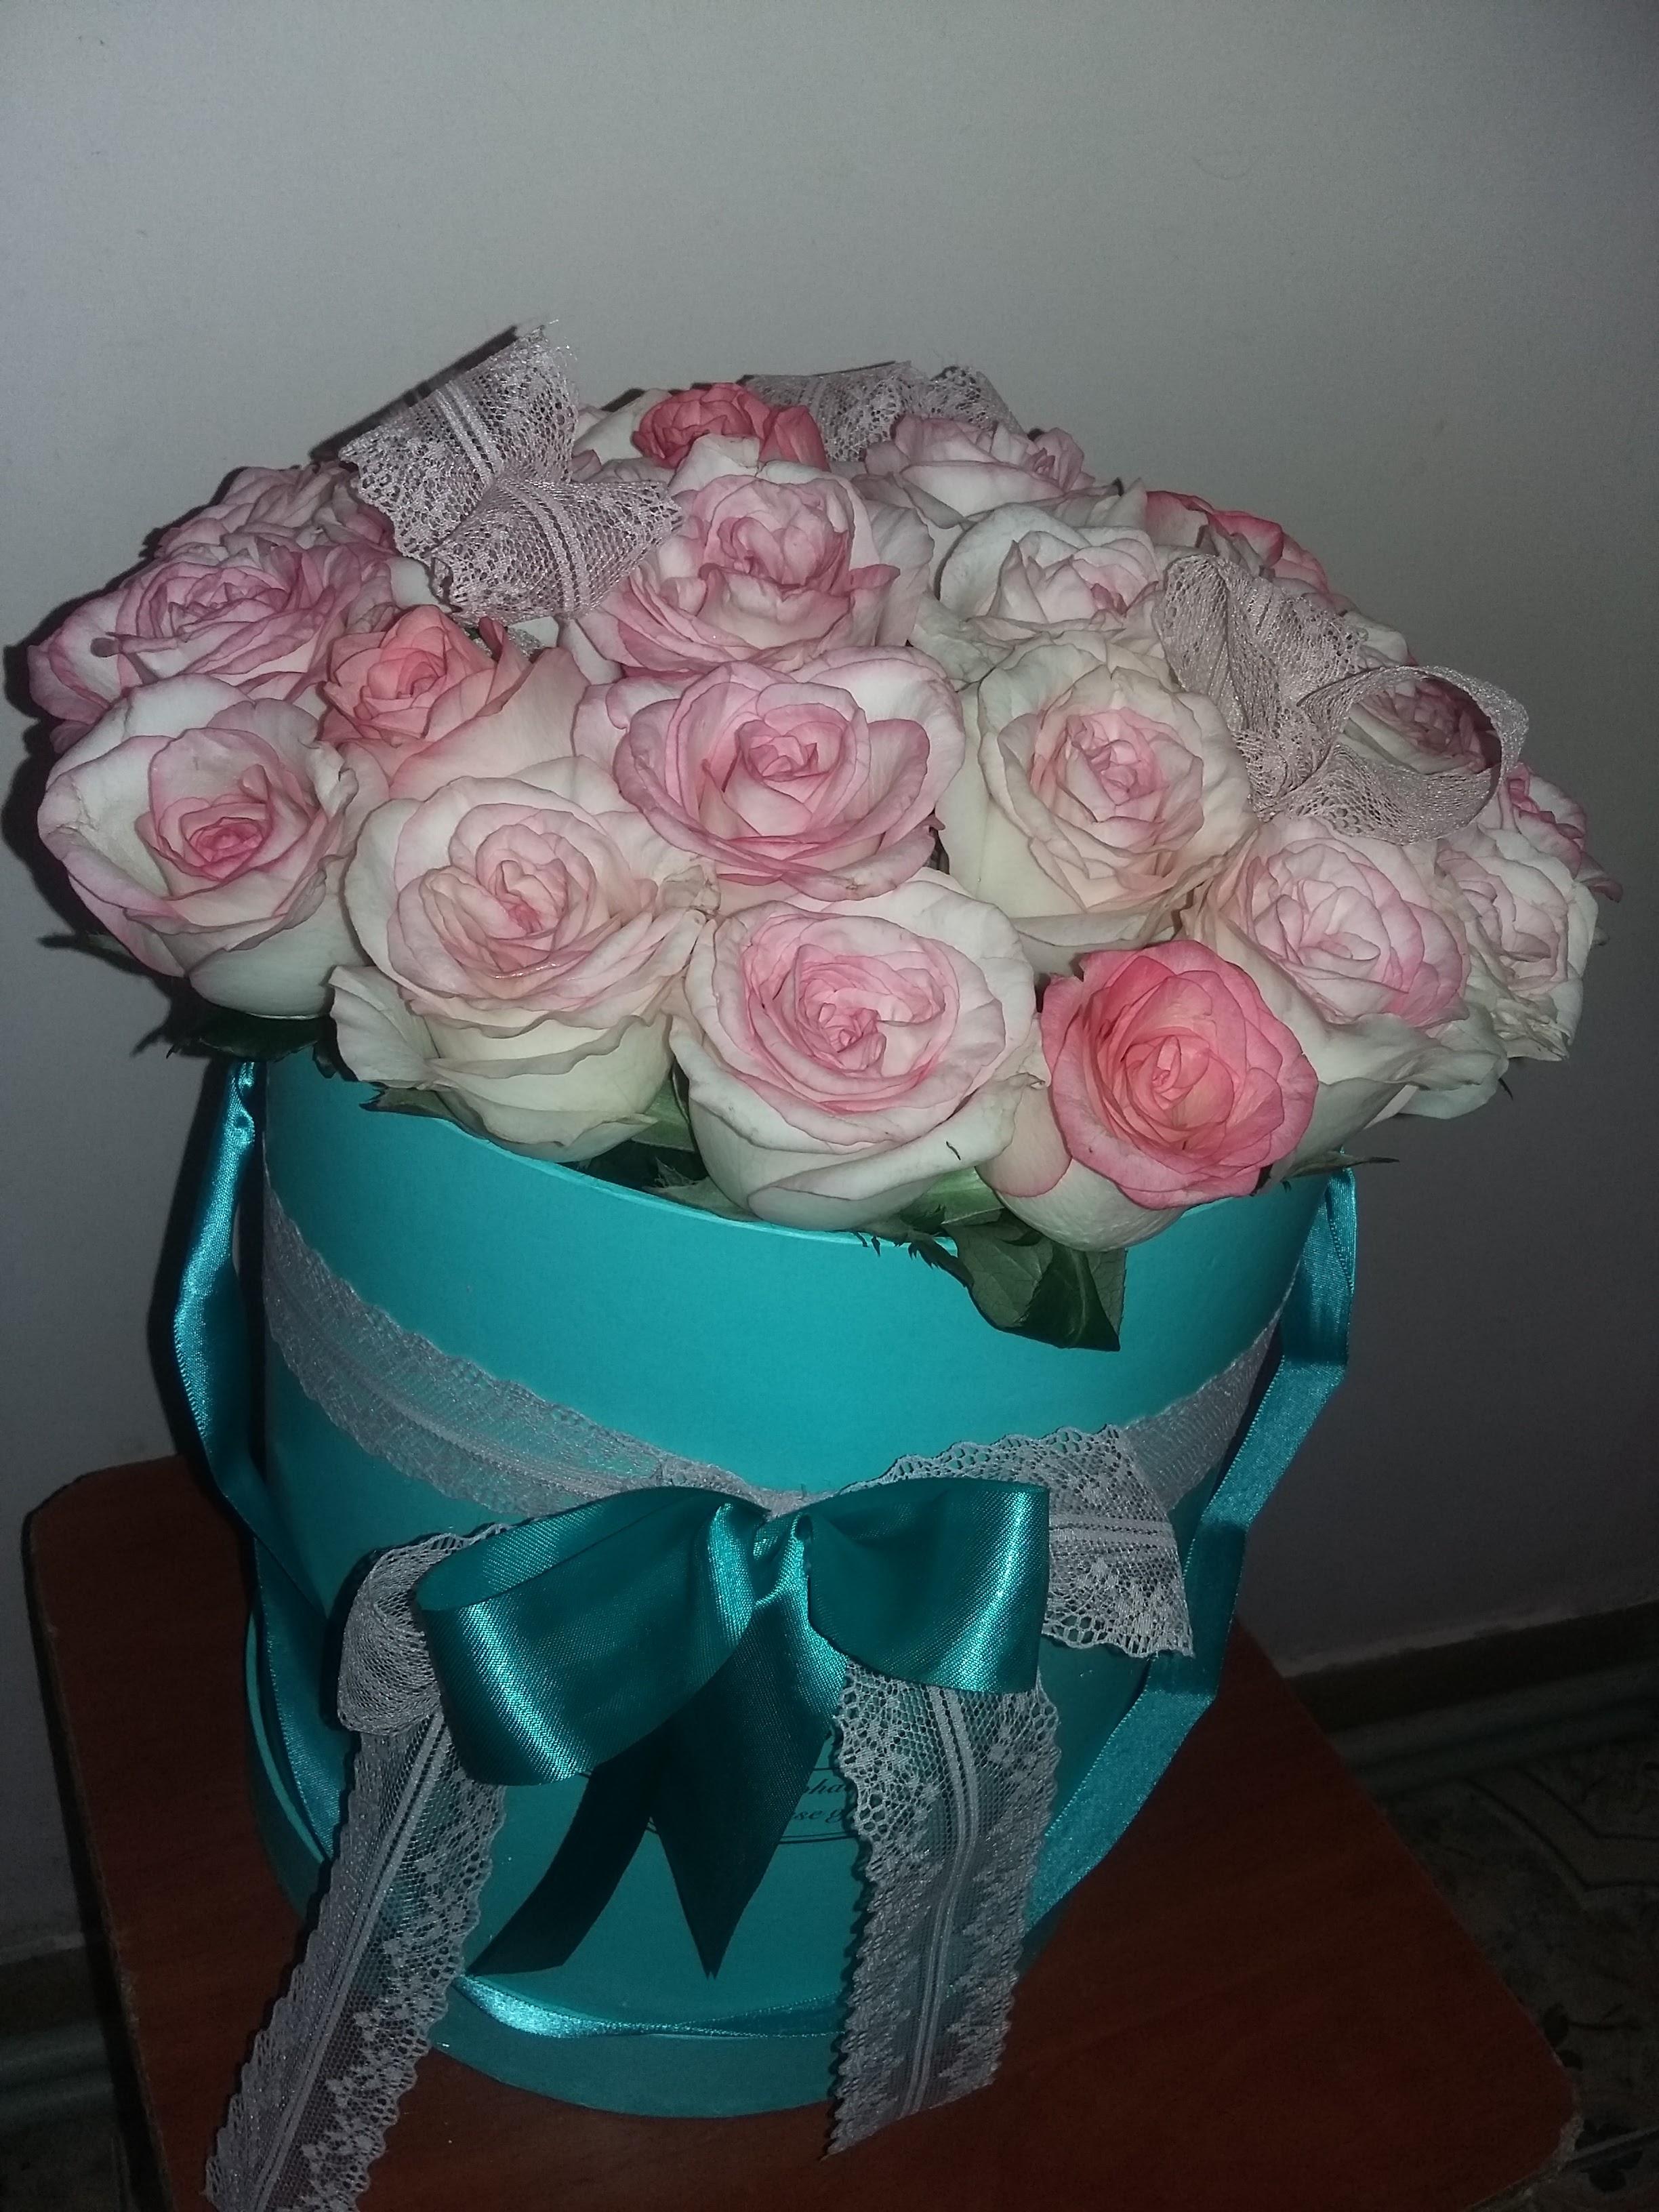 Фото товара 21 элитная розовая роза в коробке в Ужгороде